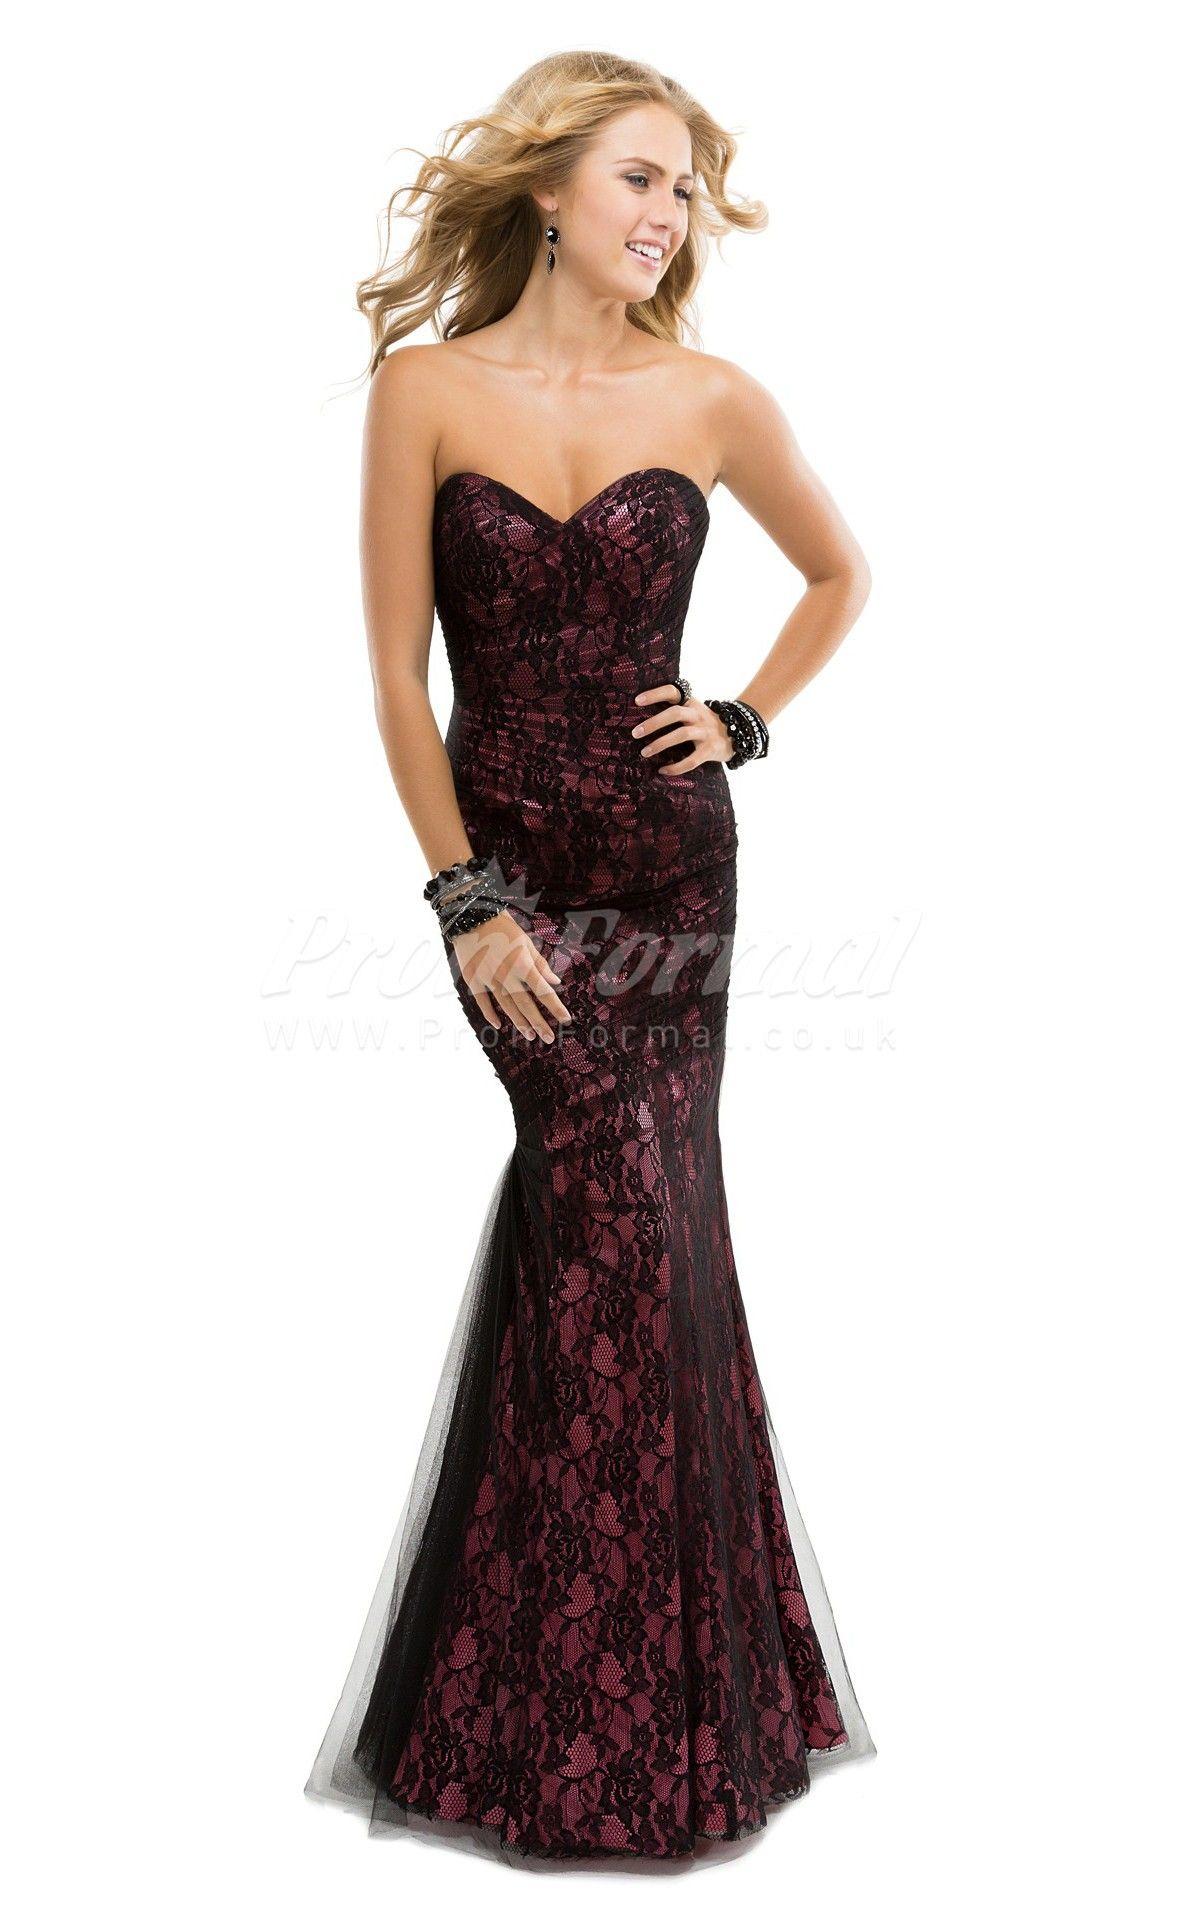 Mermaid Lace Long Prom Dress - promuk.co.uk | prom dresses | Pinterest